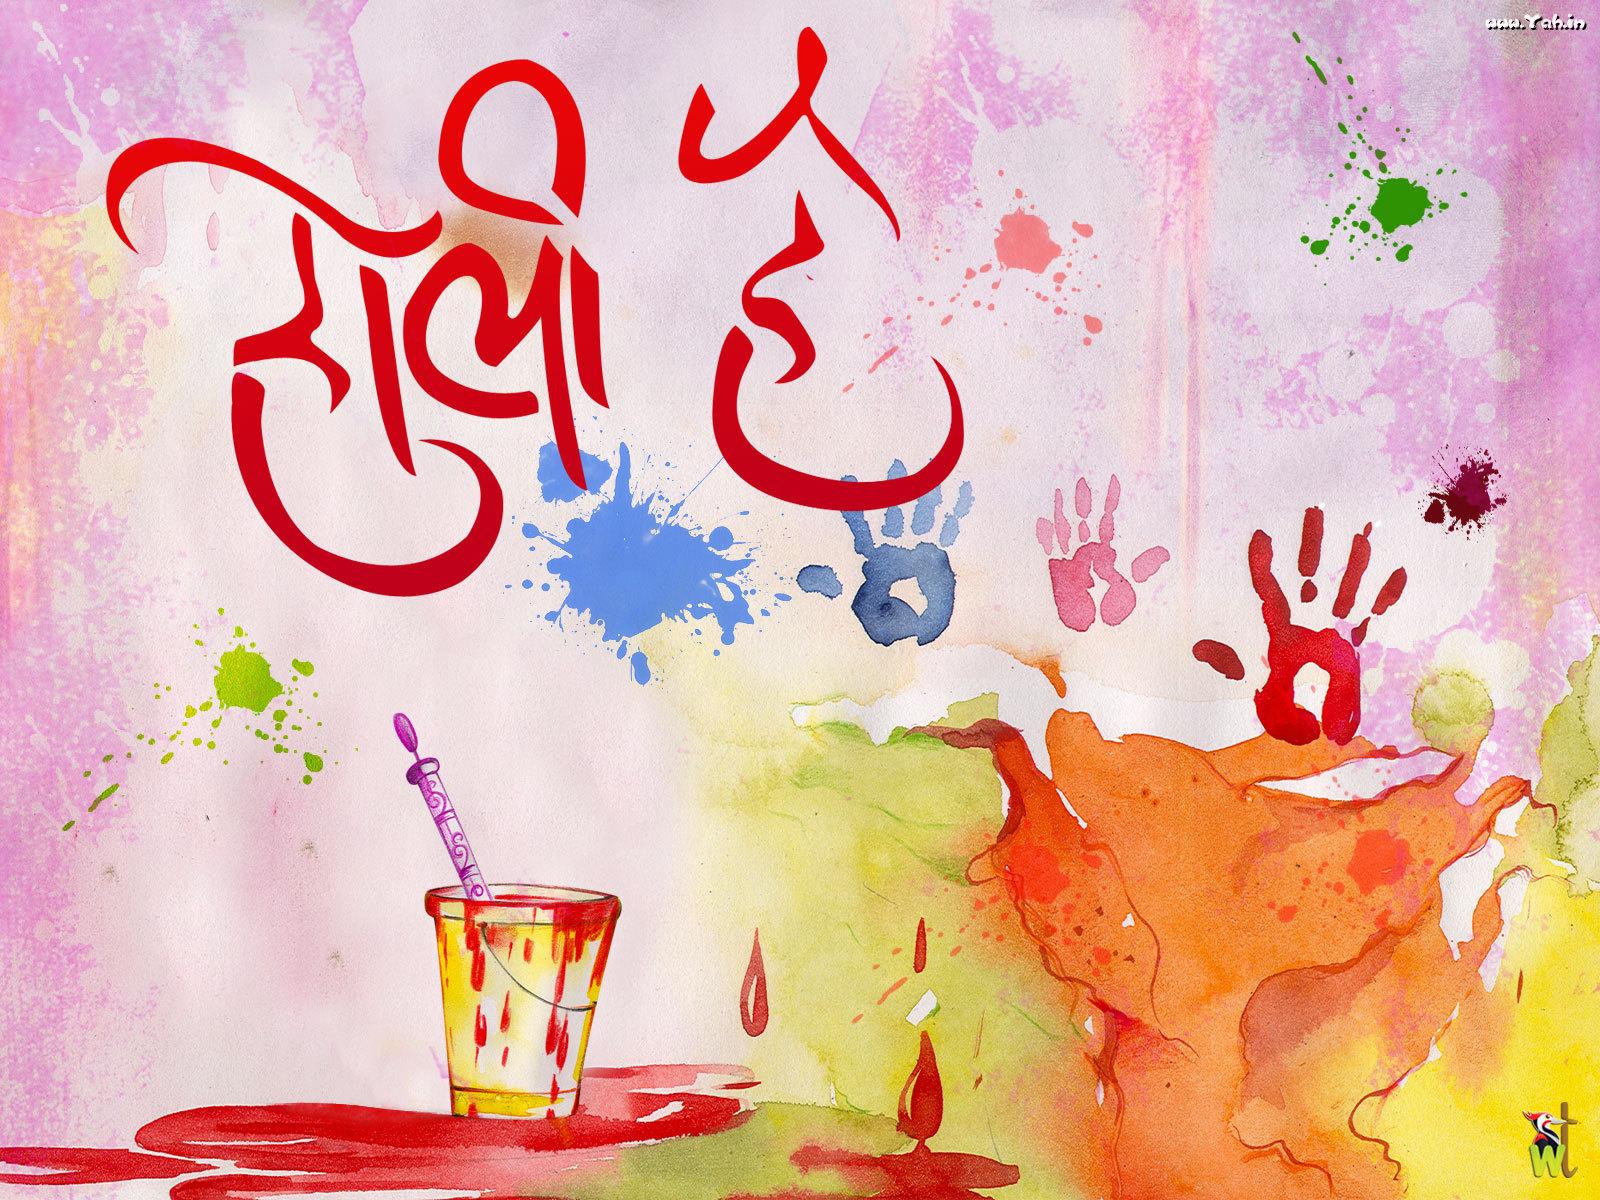 http://3.bp.blogspot.com/-HdKCs8fbl3c/UVKEGiY3ZwI/AAAAAAAABLc/oJ3oI3N77Pw/s1600/holi-festival-wallpaper.jpg